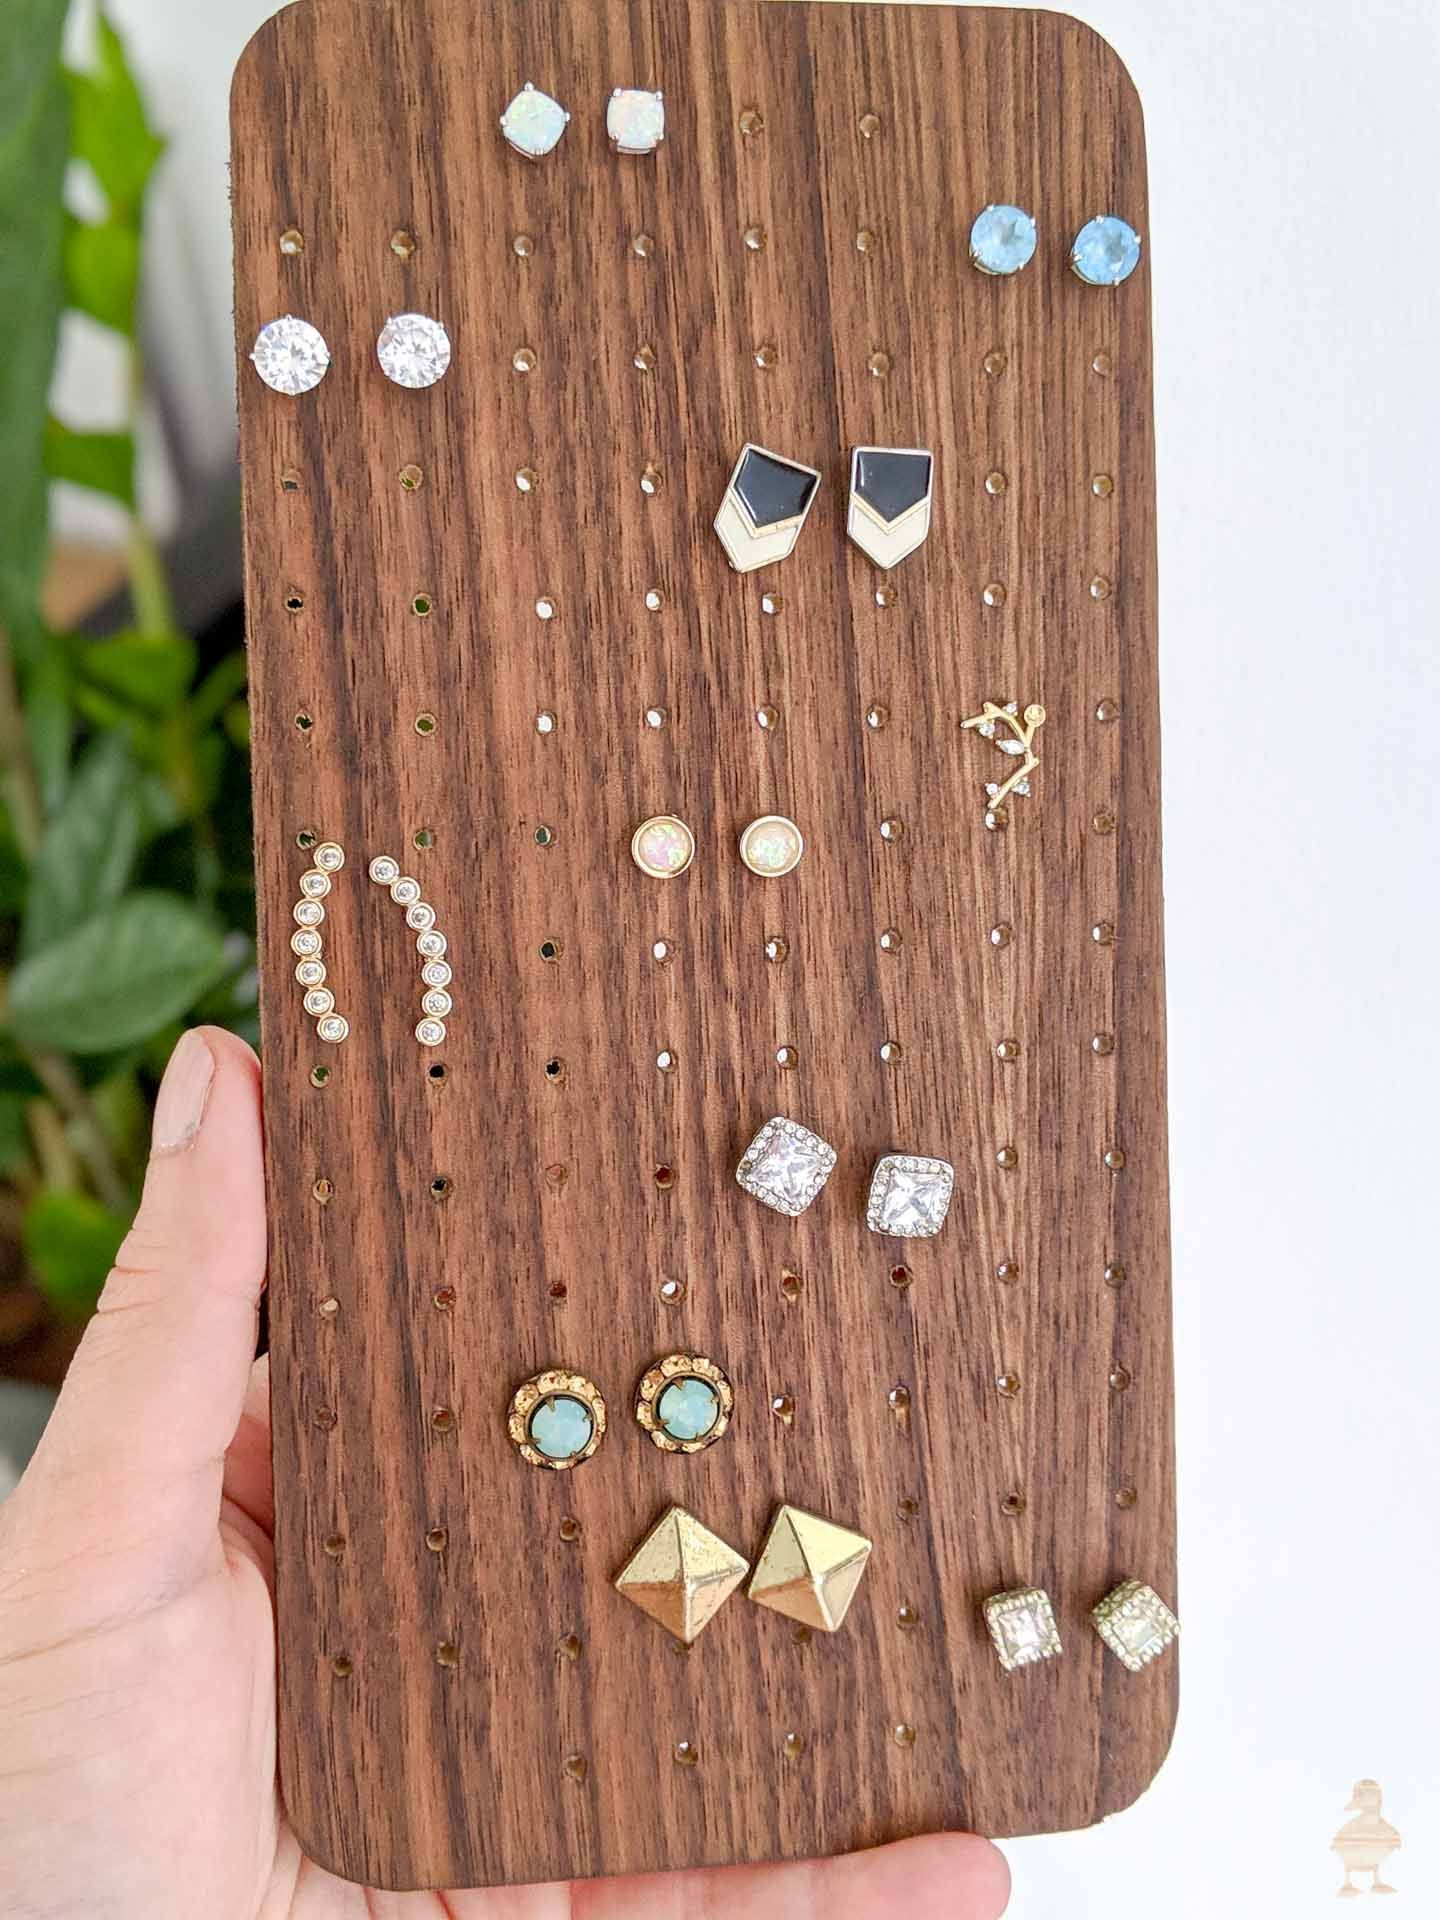 DIY Magnetic Jewelry Organizer –  Dieser DIY Schmuck Organizer bietet viel Wert …